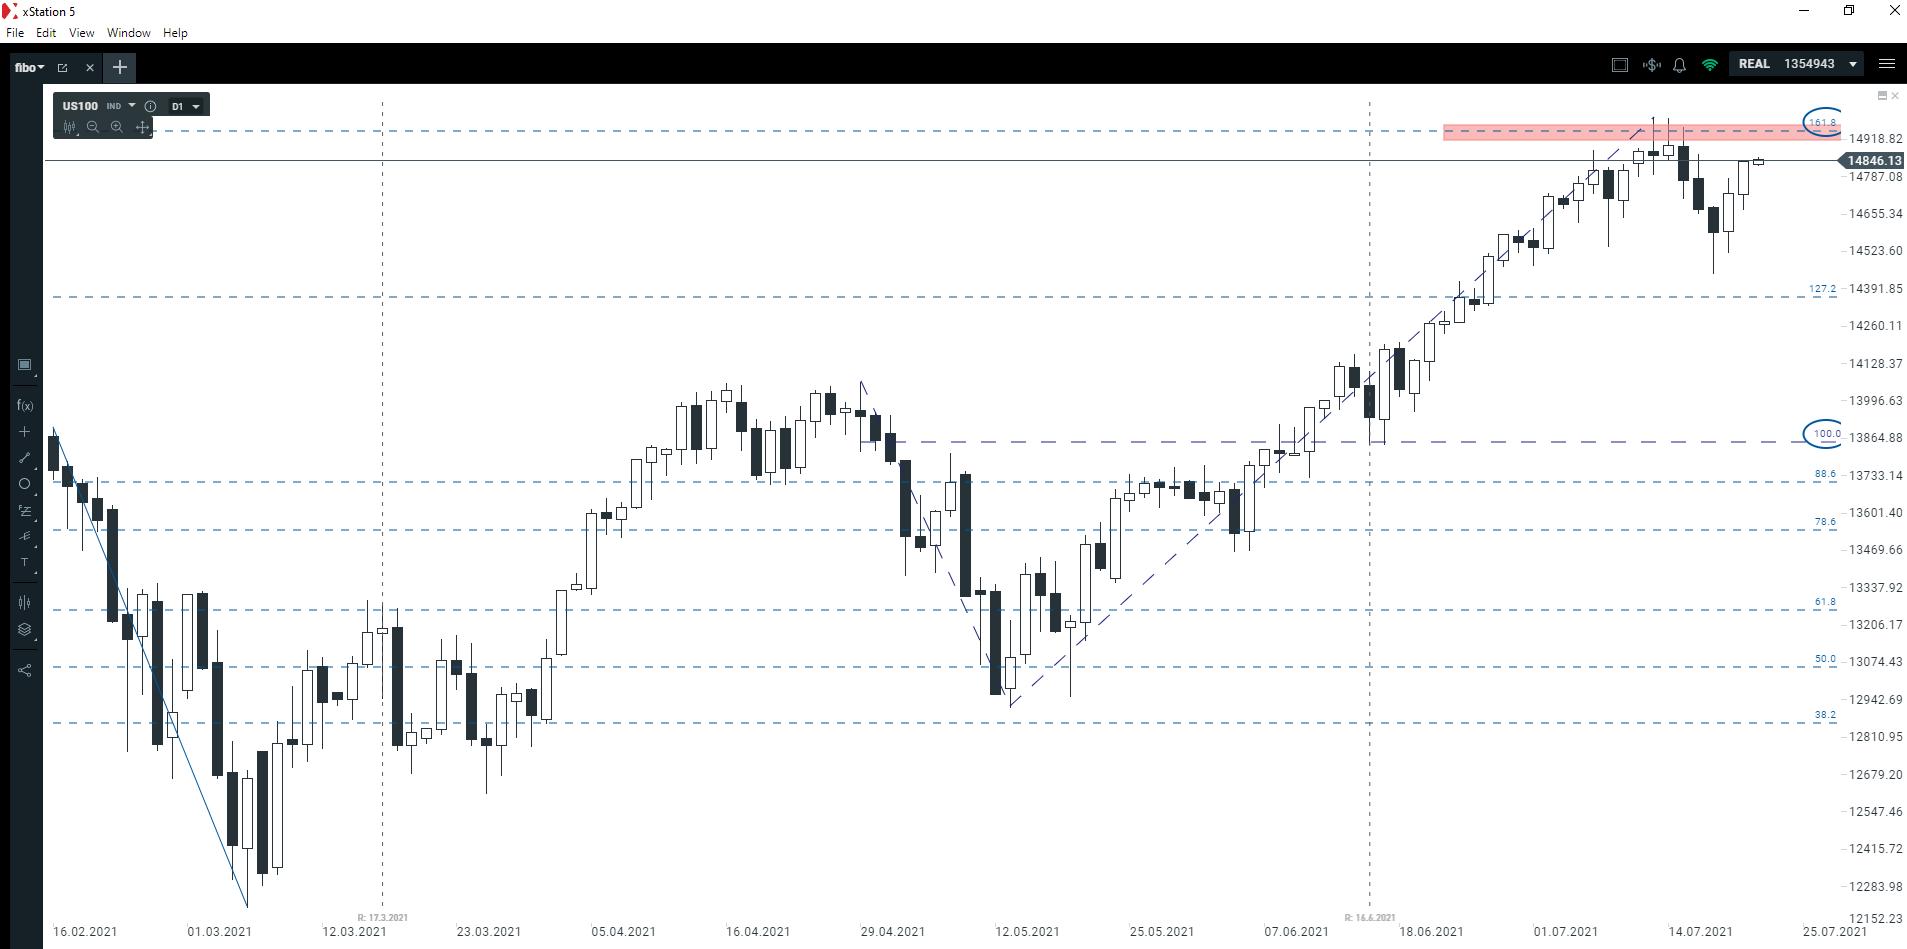 Druga okazja na indeksie NASDAQ?